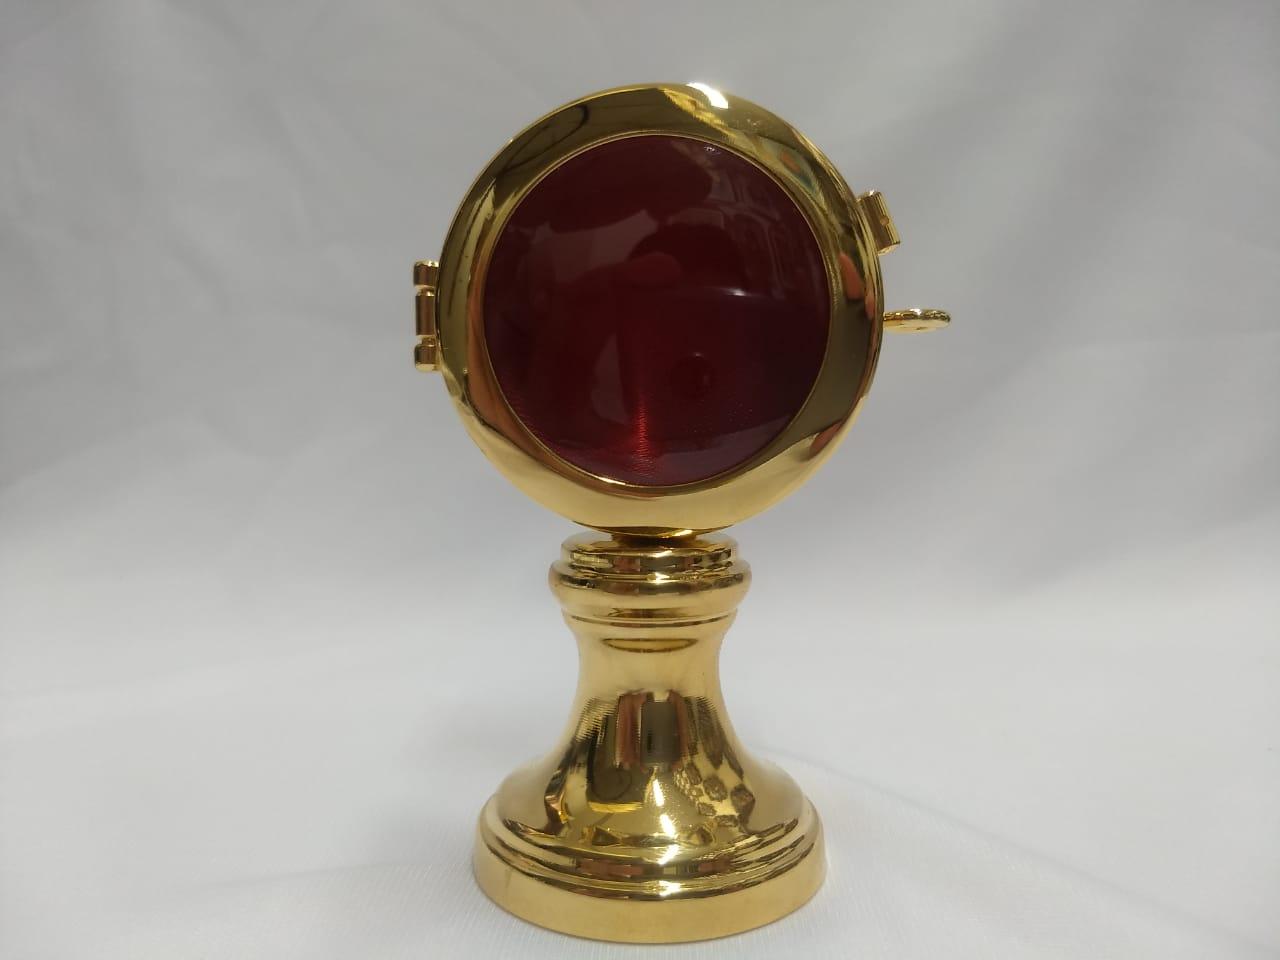 Relicário Italiano (importado) banhado à ouro com veludo vermelho no interior da peça, altura 9cm X 5cm largura